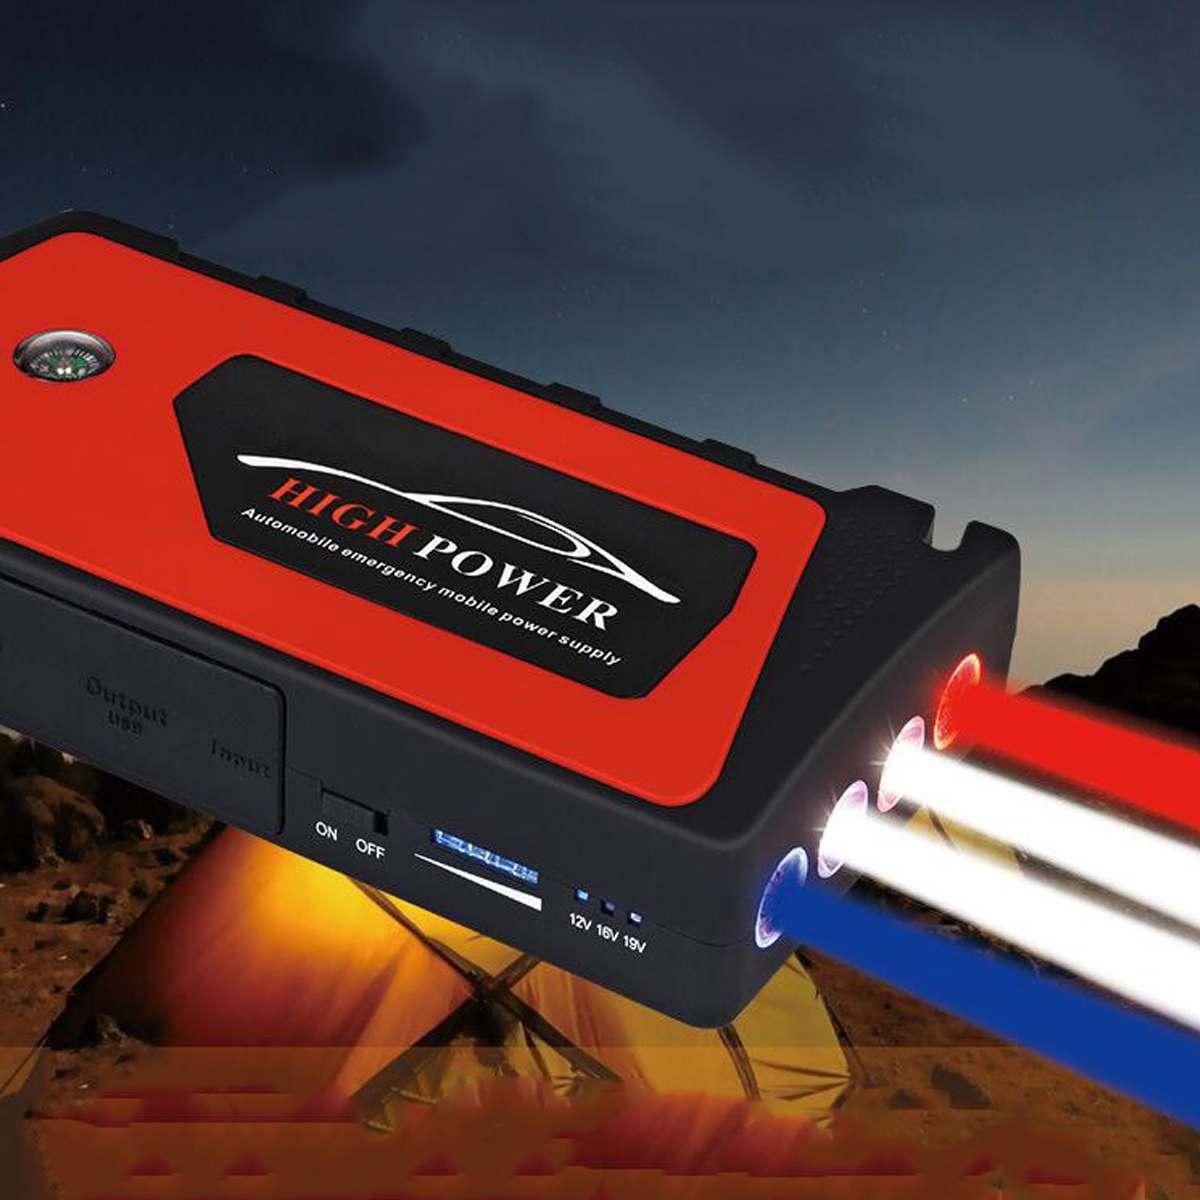 Démarreur de saut de voiture Portable 4 Ports USB démarreur de saut de voiture chargeur portatif batterie chargeur dispositif de démarrage pour les Diesels à essence de téléphone - 2